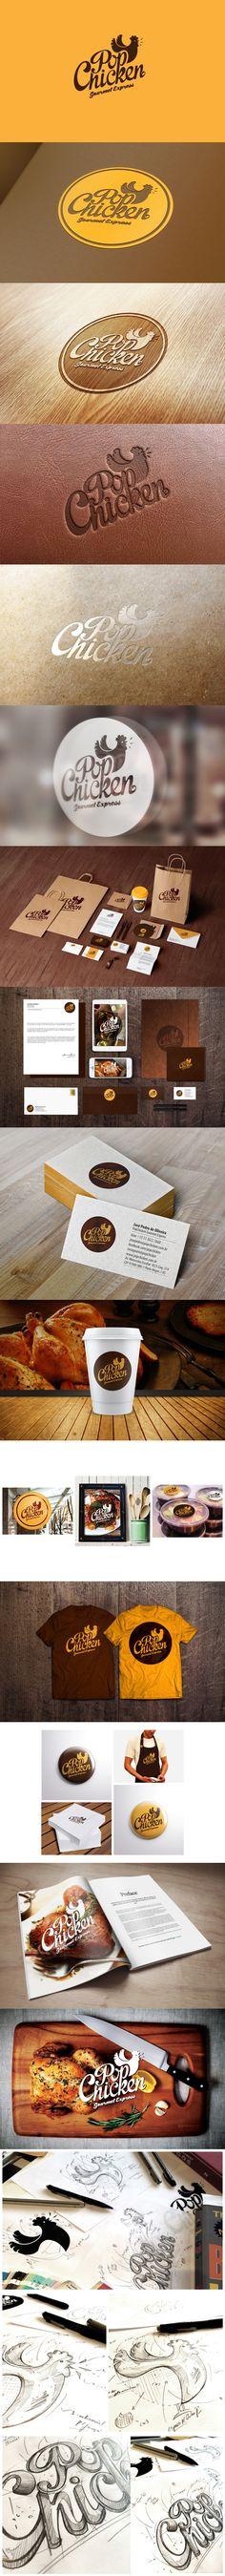 PopChicken Gourmet Express // Identity  #brand #design